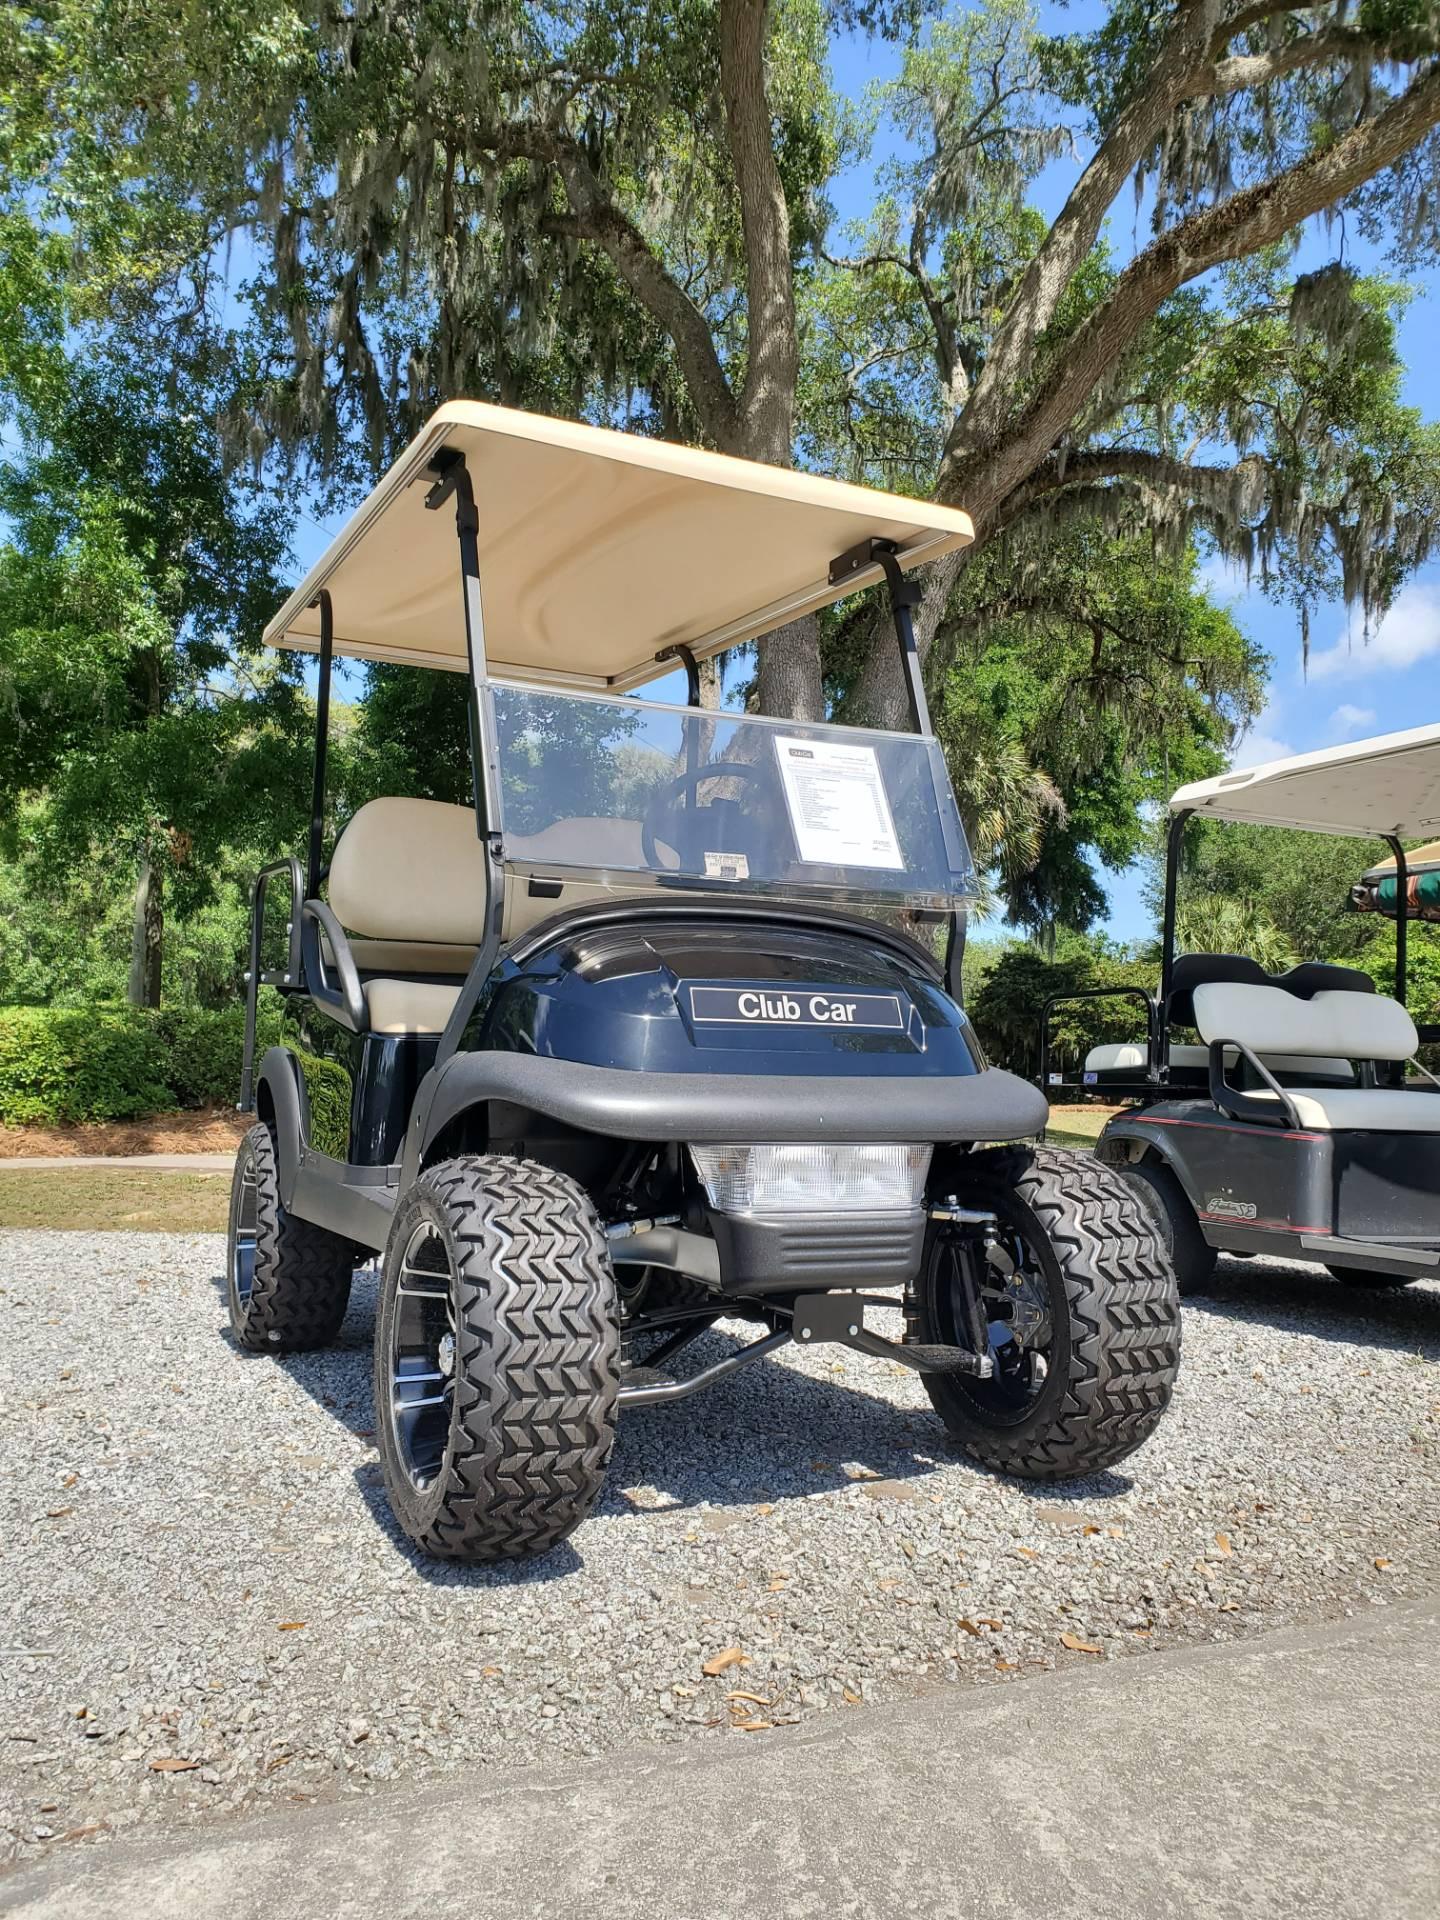 2019 Club Car Precedent Golf Carts Bluffton South Carolina N A